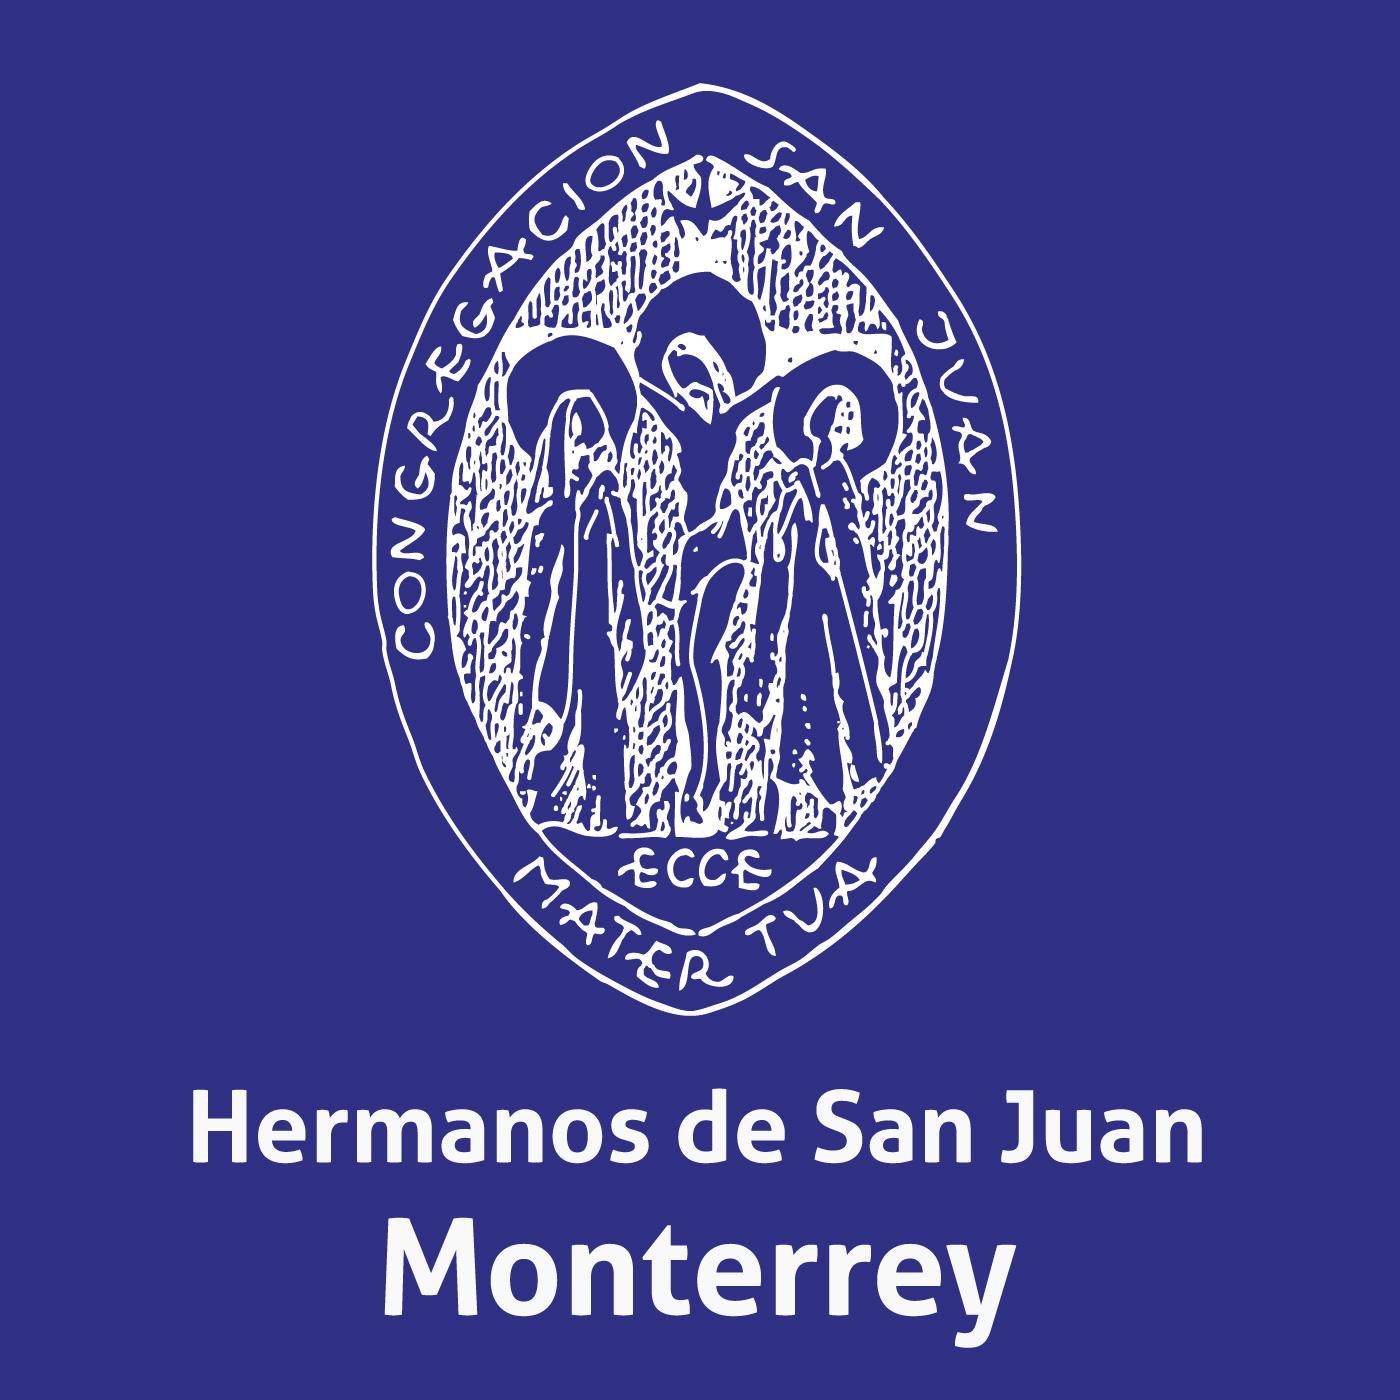 Monterrey-1.jpg